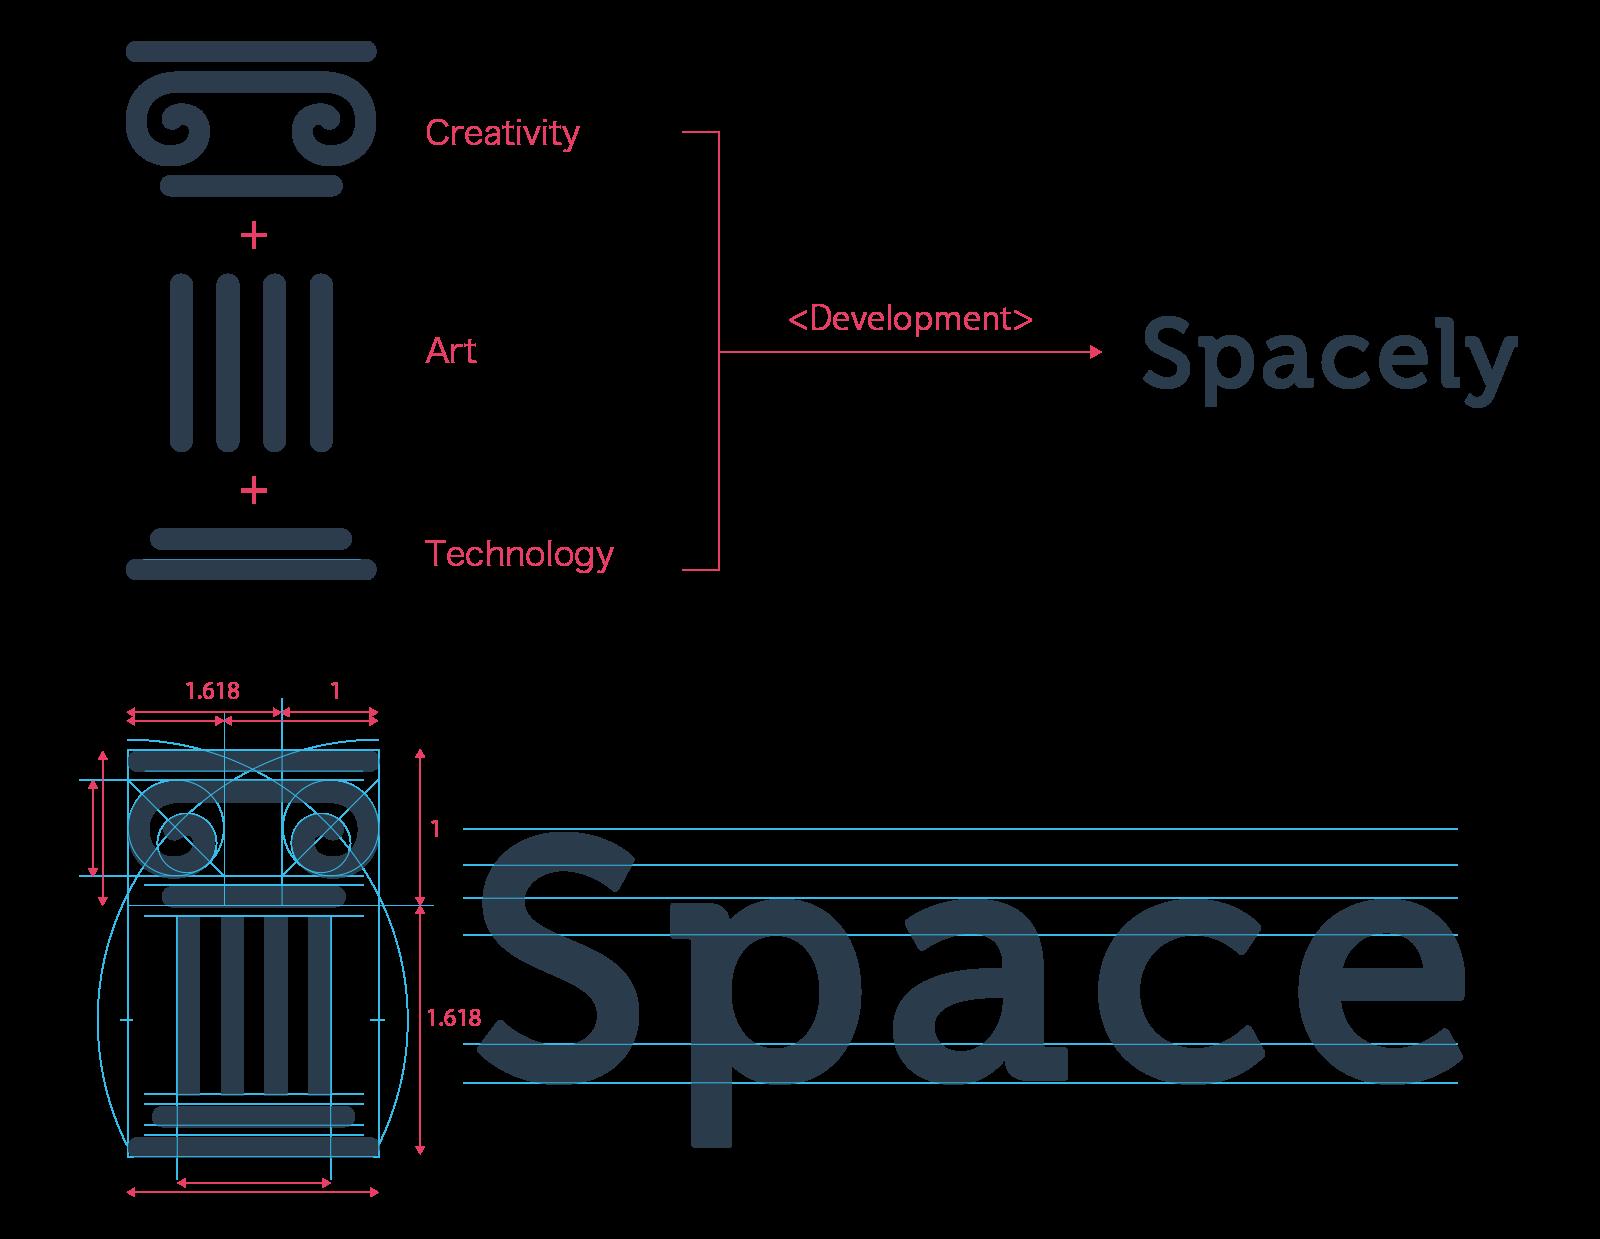 スペースリー(旧3D Stylee)のサービス提供開始。